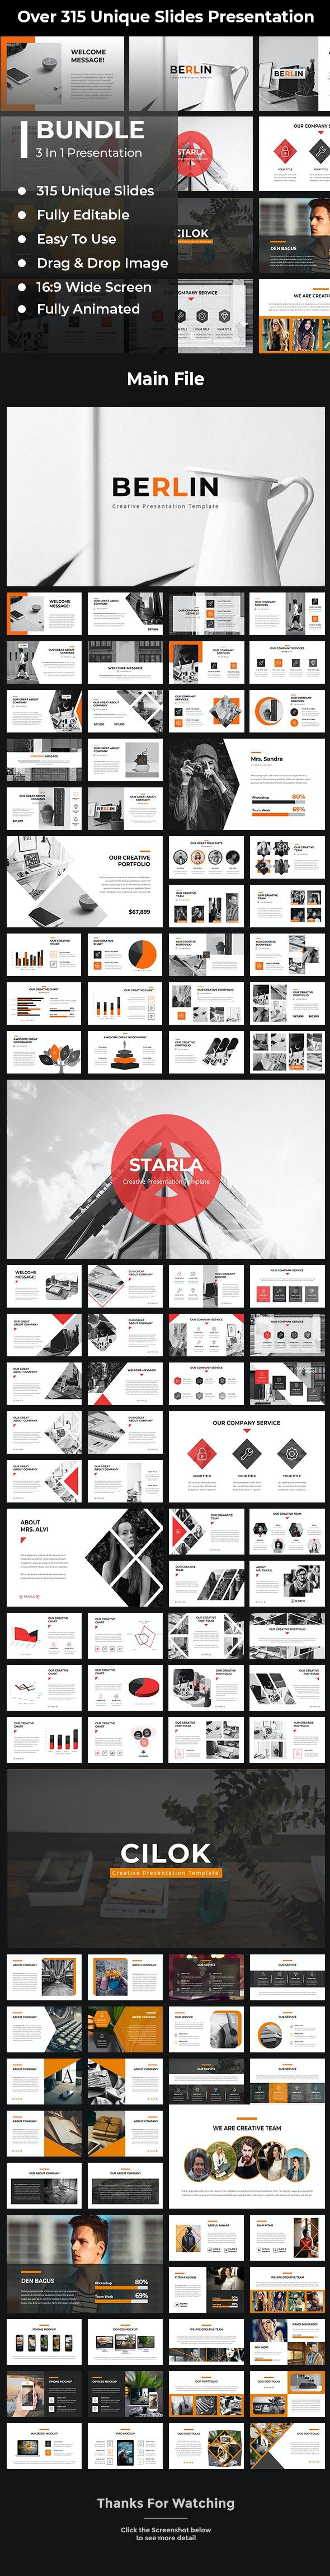 Bundle 3 in 1 Google Slides Template - Google Slides Presentation Templates